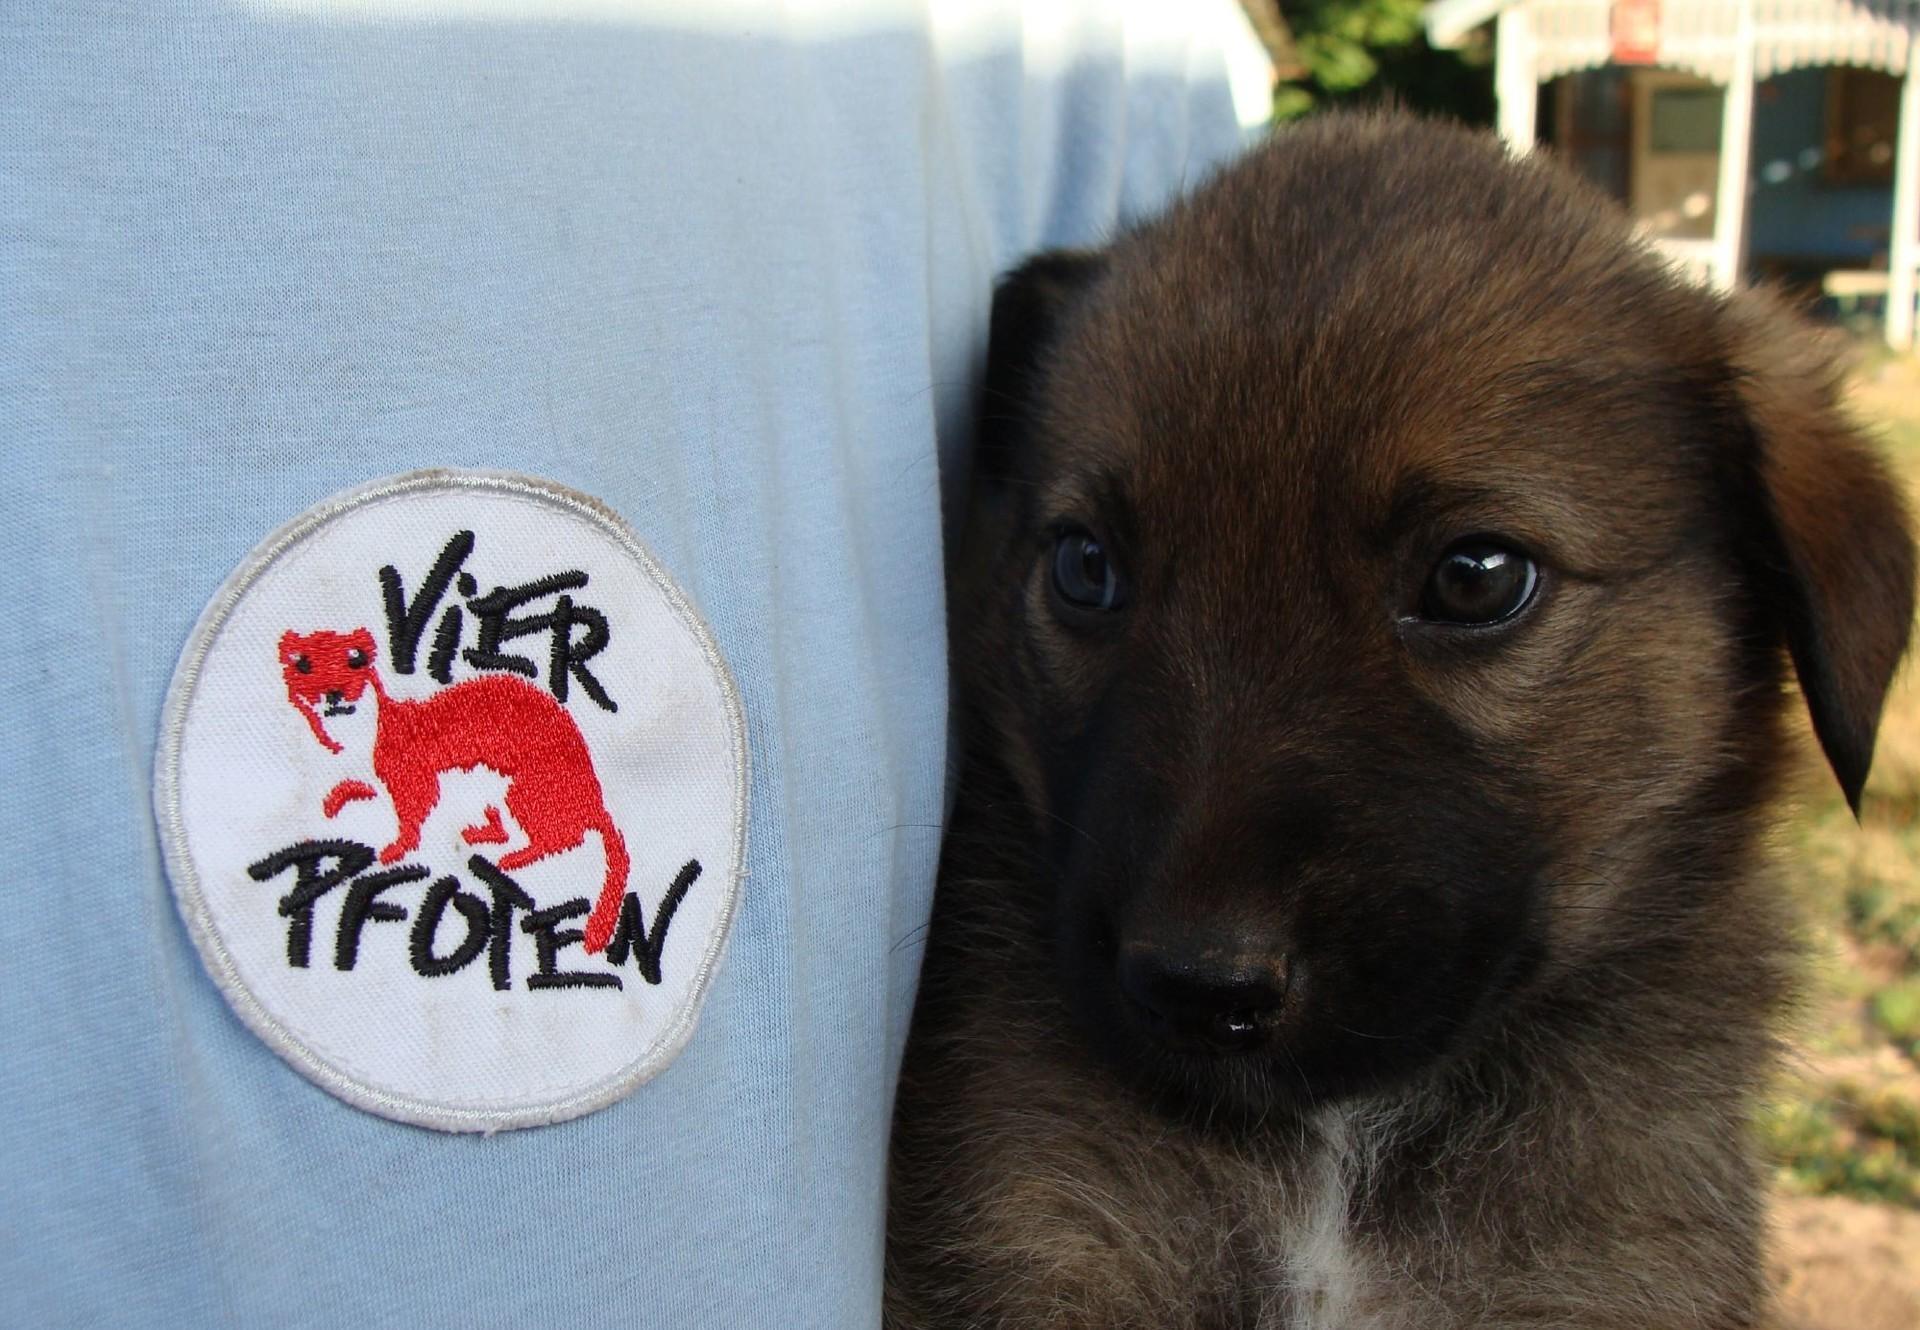 Hundewelpen wurde geimpft im Rahmen eines Projekts in Bulgarien